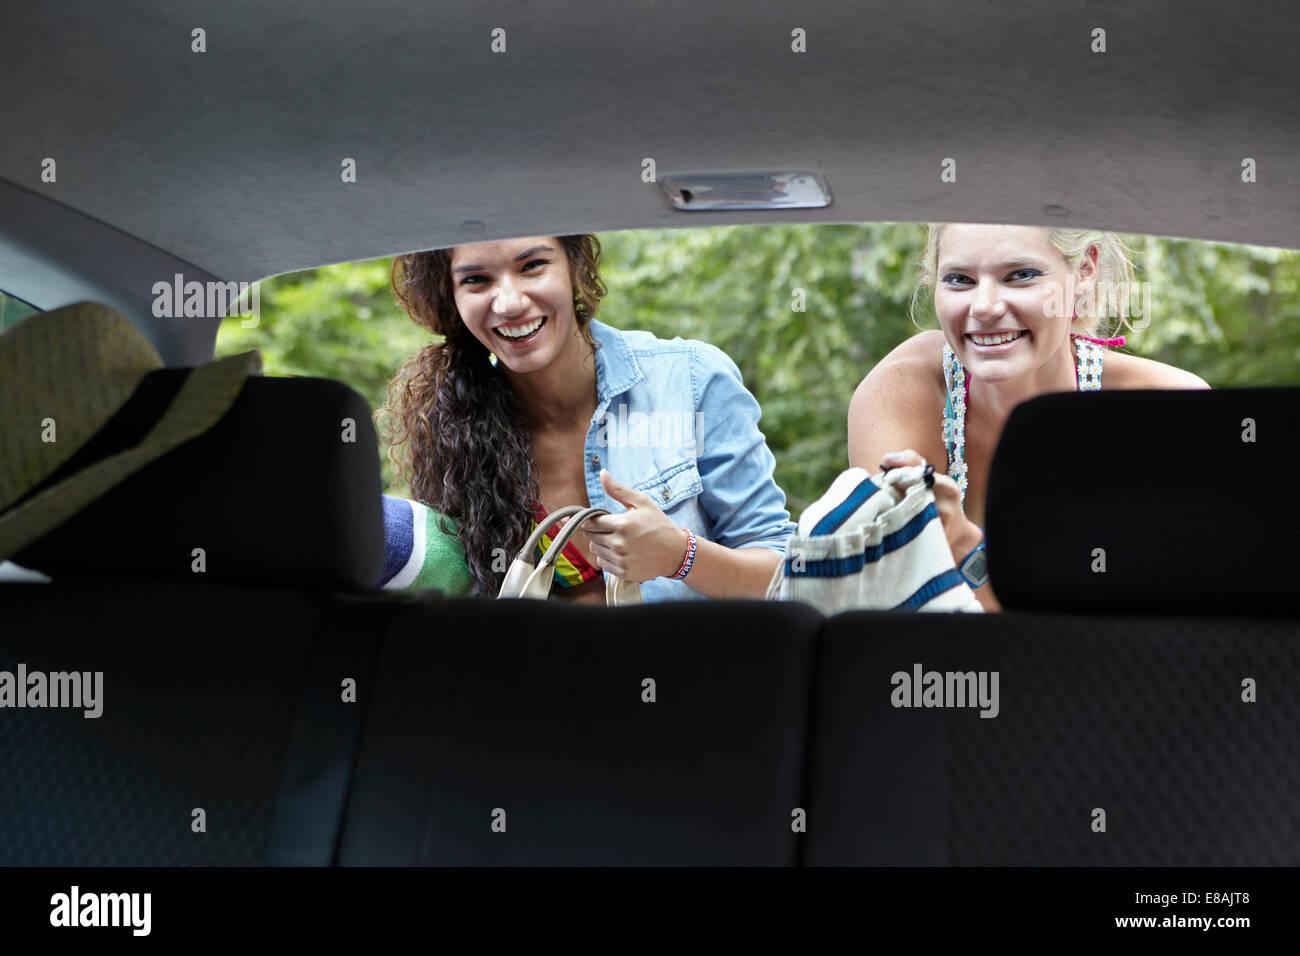 Gli escursionisti alla ricerca attraverso la parte posteriore della macchina Immagini Stock